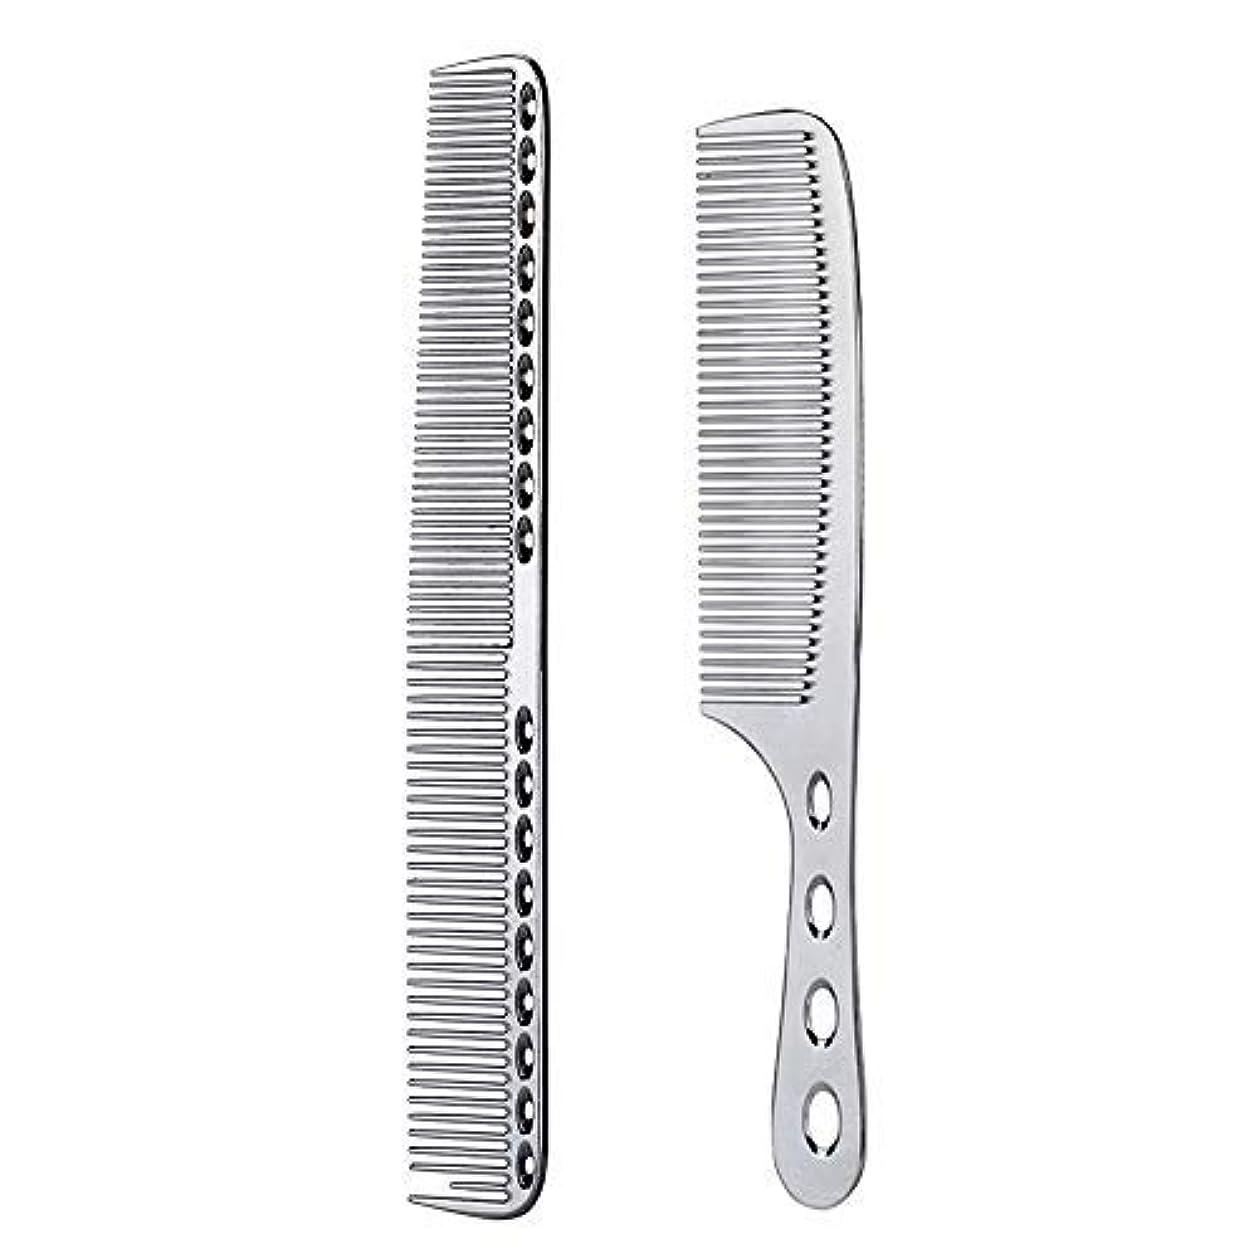 囚人建物推進、動かす2 pcs Stainless Steel Hair Combs Anti Static Styling Comb Hairdressing Barbers Combs (Silver) [並行輸入品]